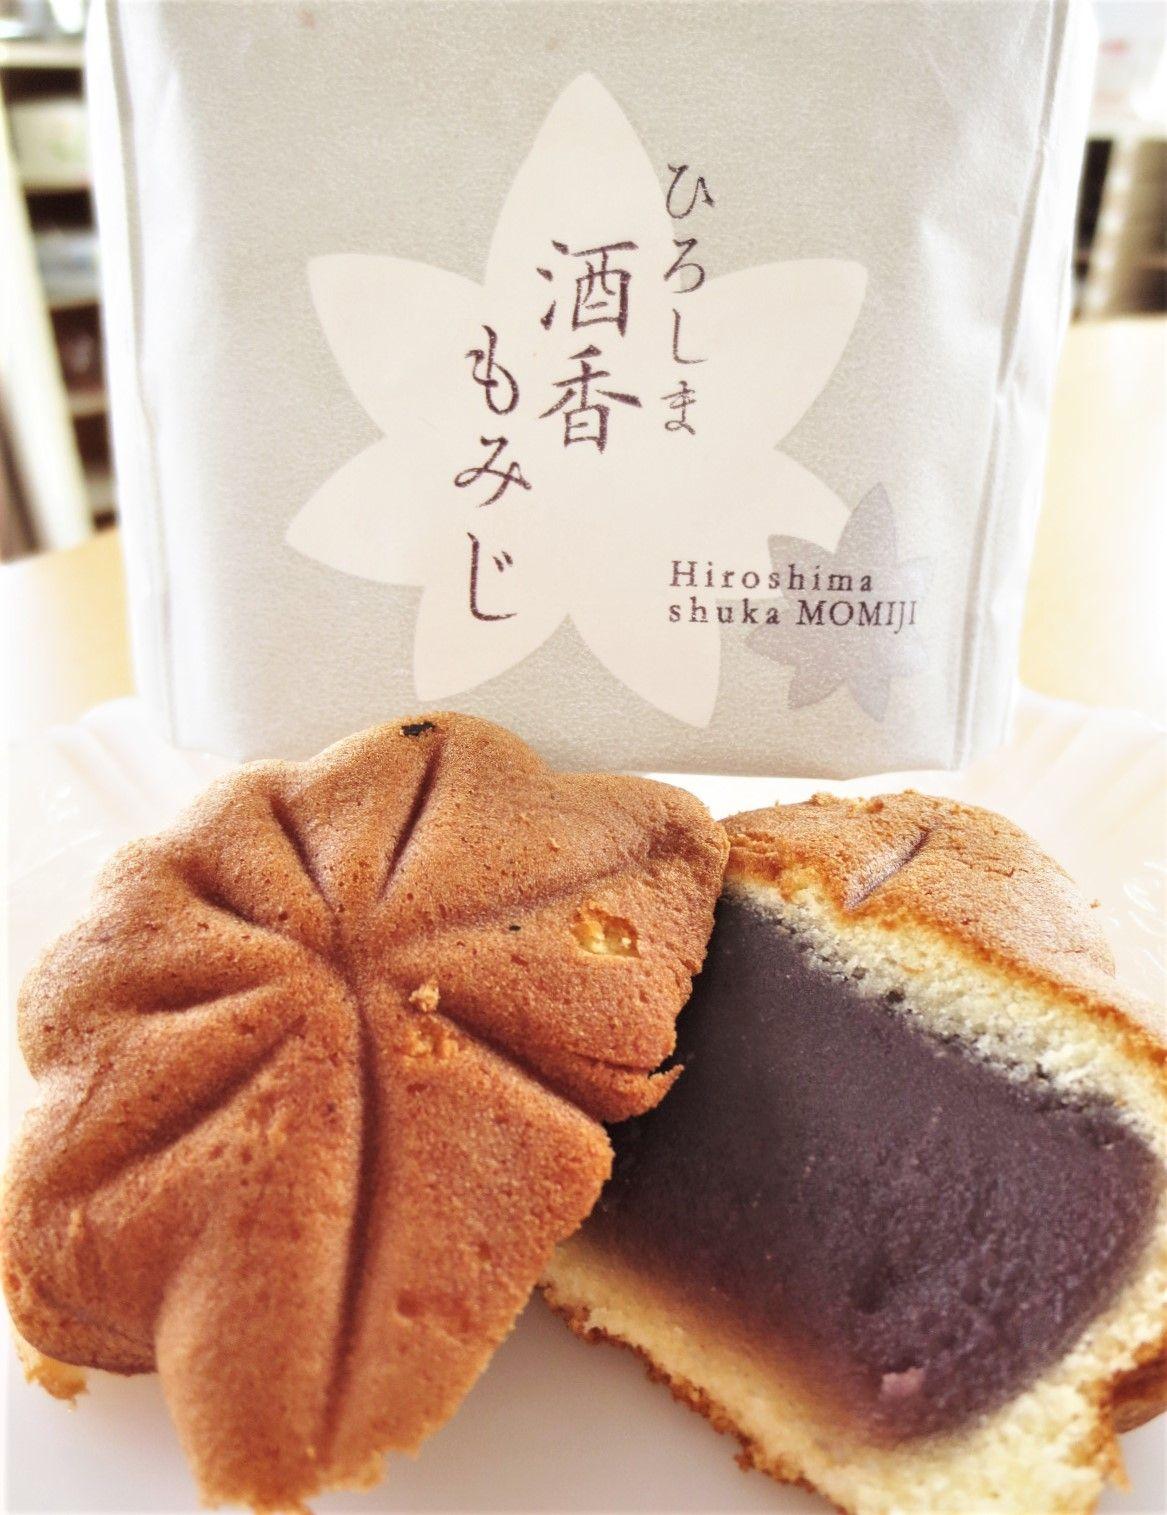 古くて新しい、絶対に外せない広島土産「もみじ饅頭」